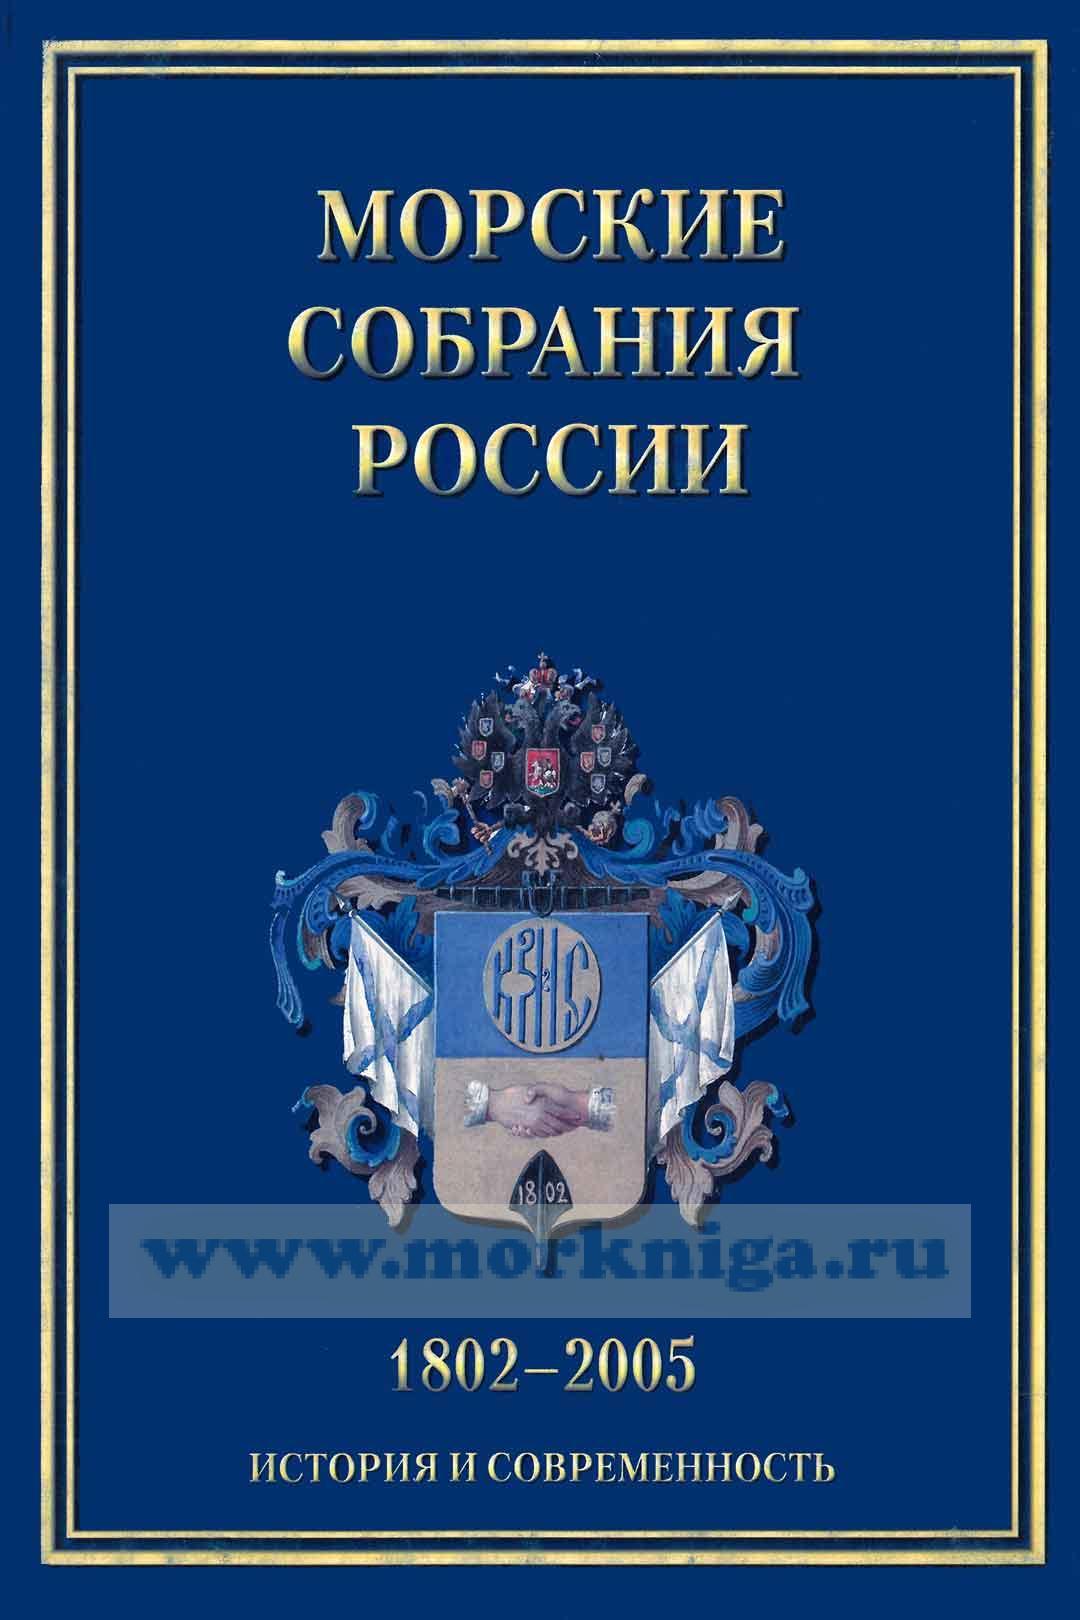 Морские собрания России 1802-2005